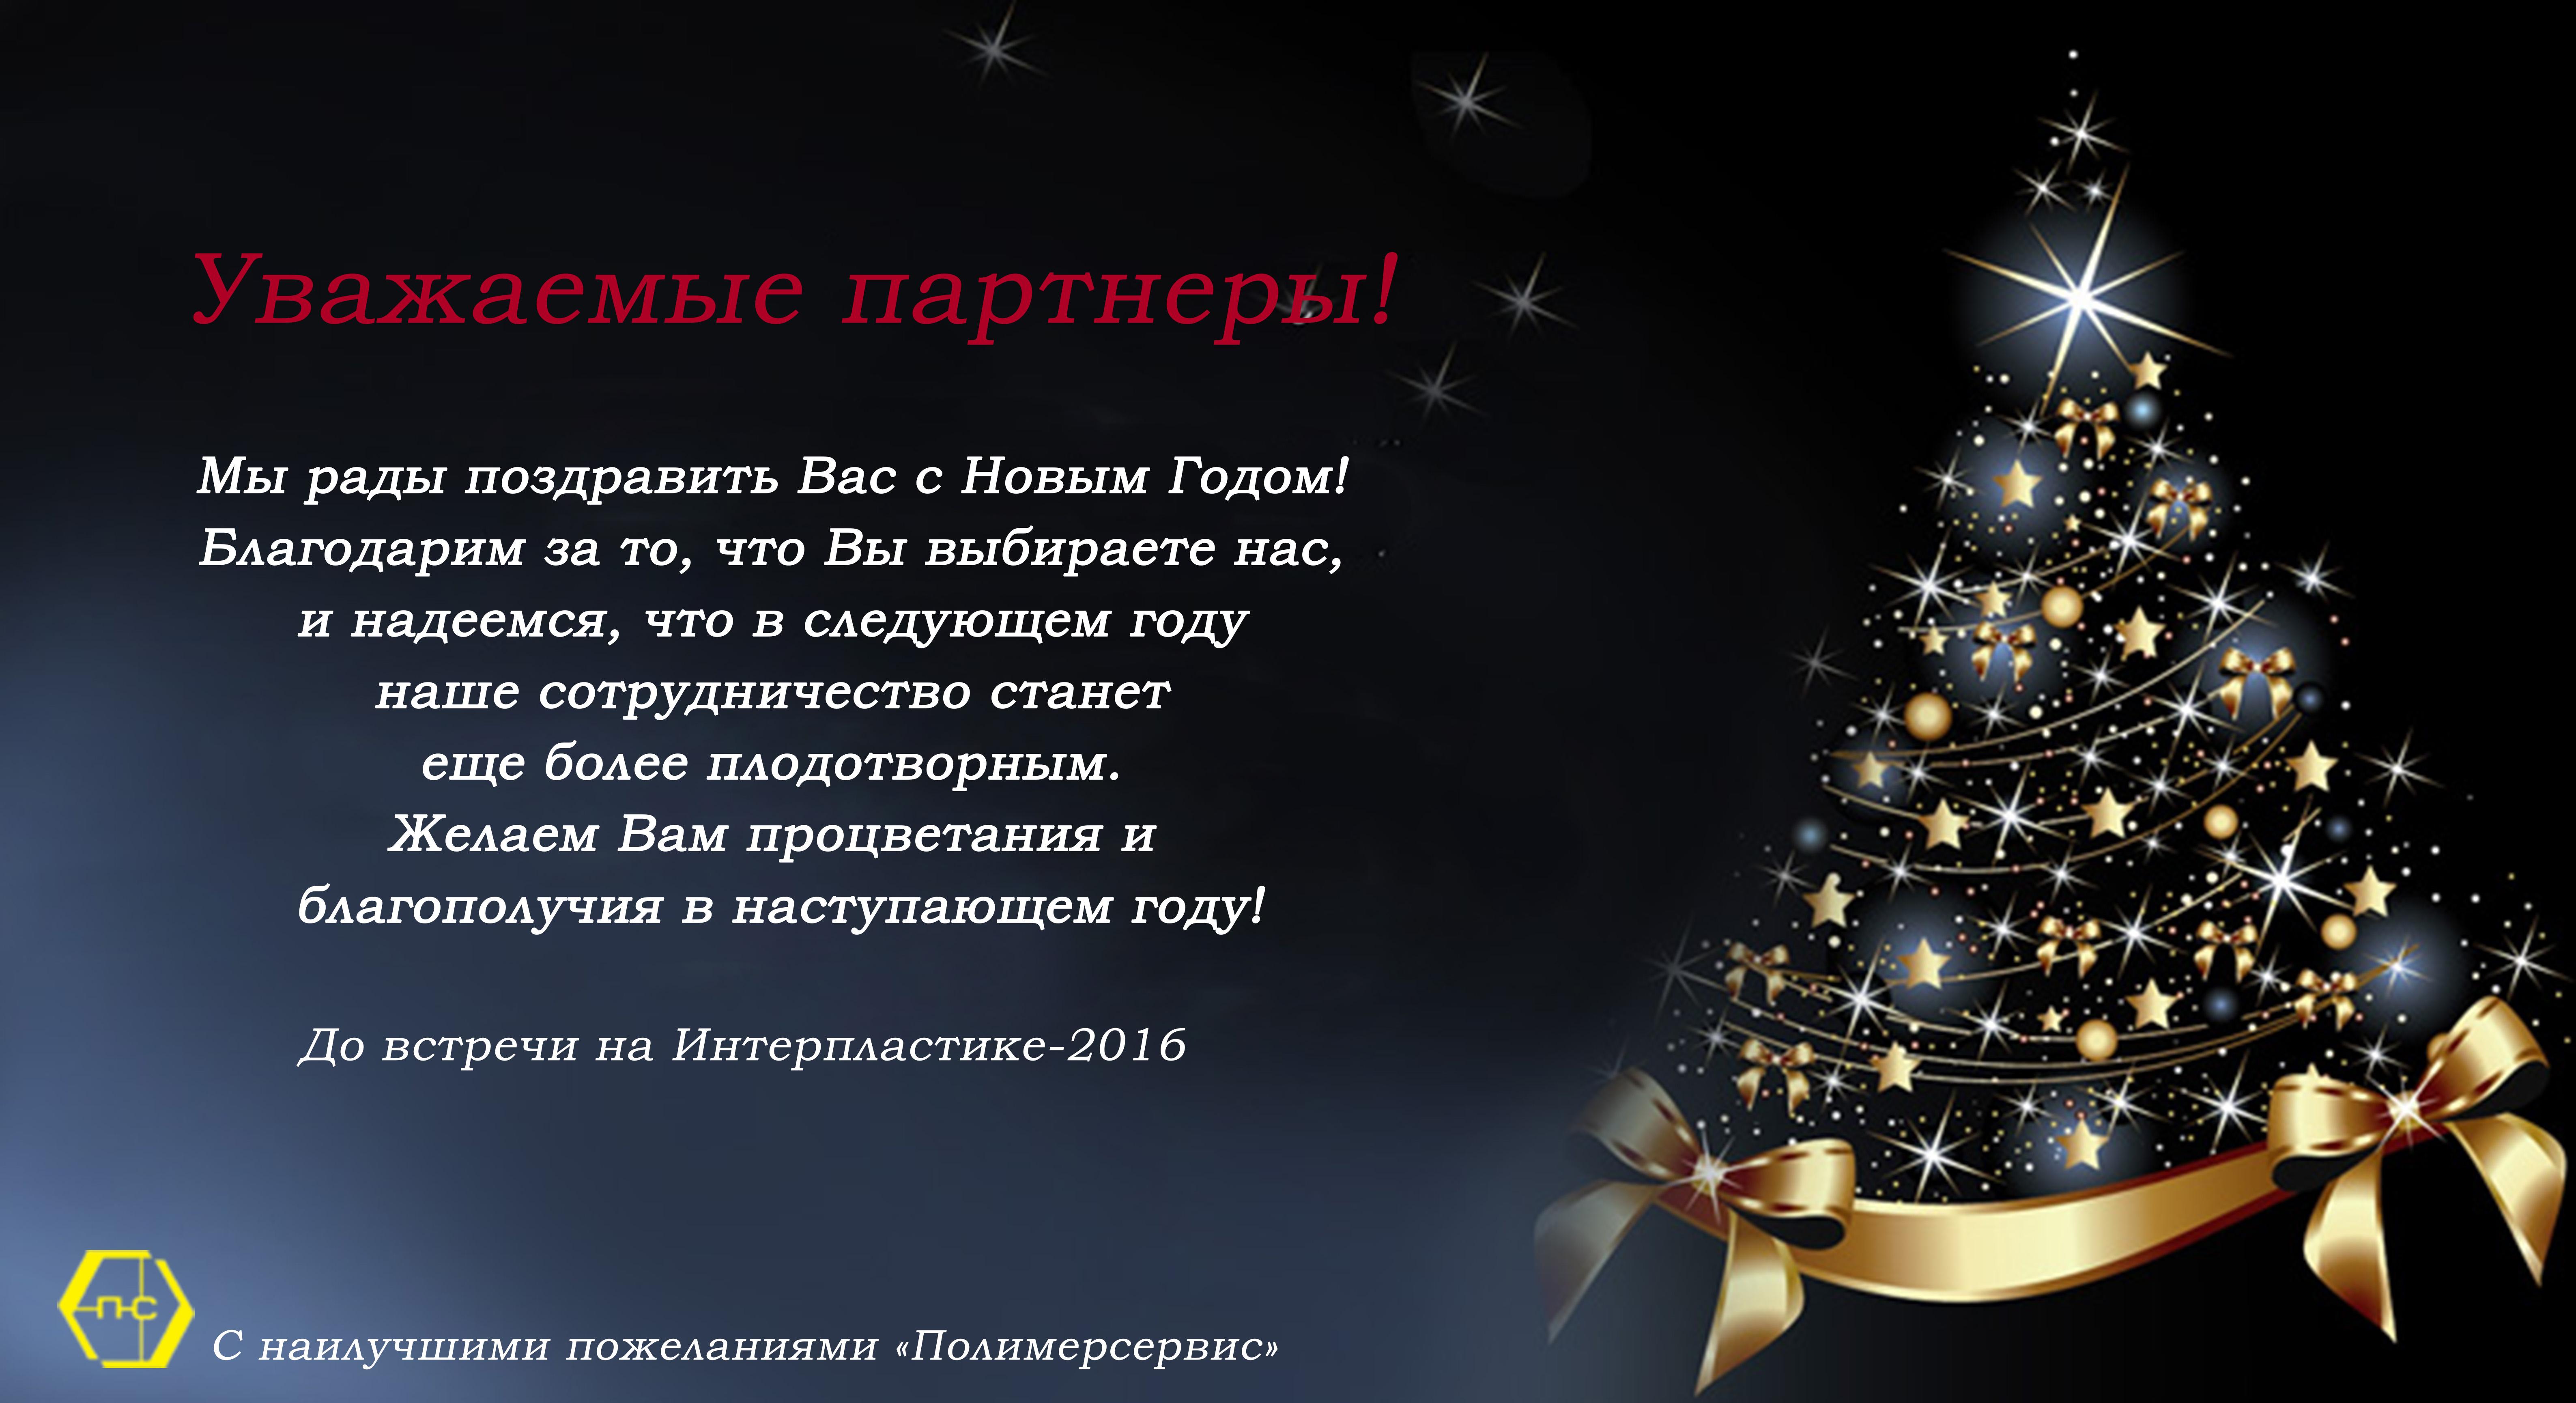 Поздравления с наступающим Новым годом 2018 17